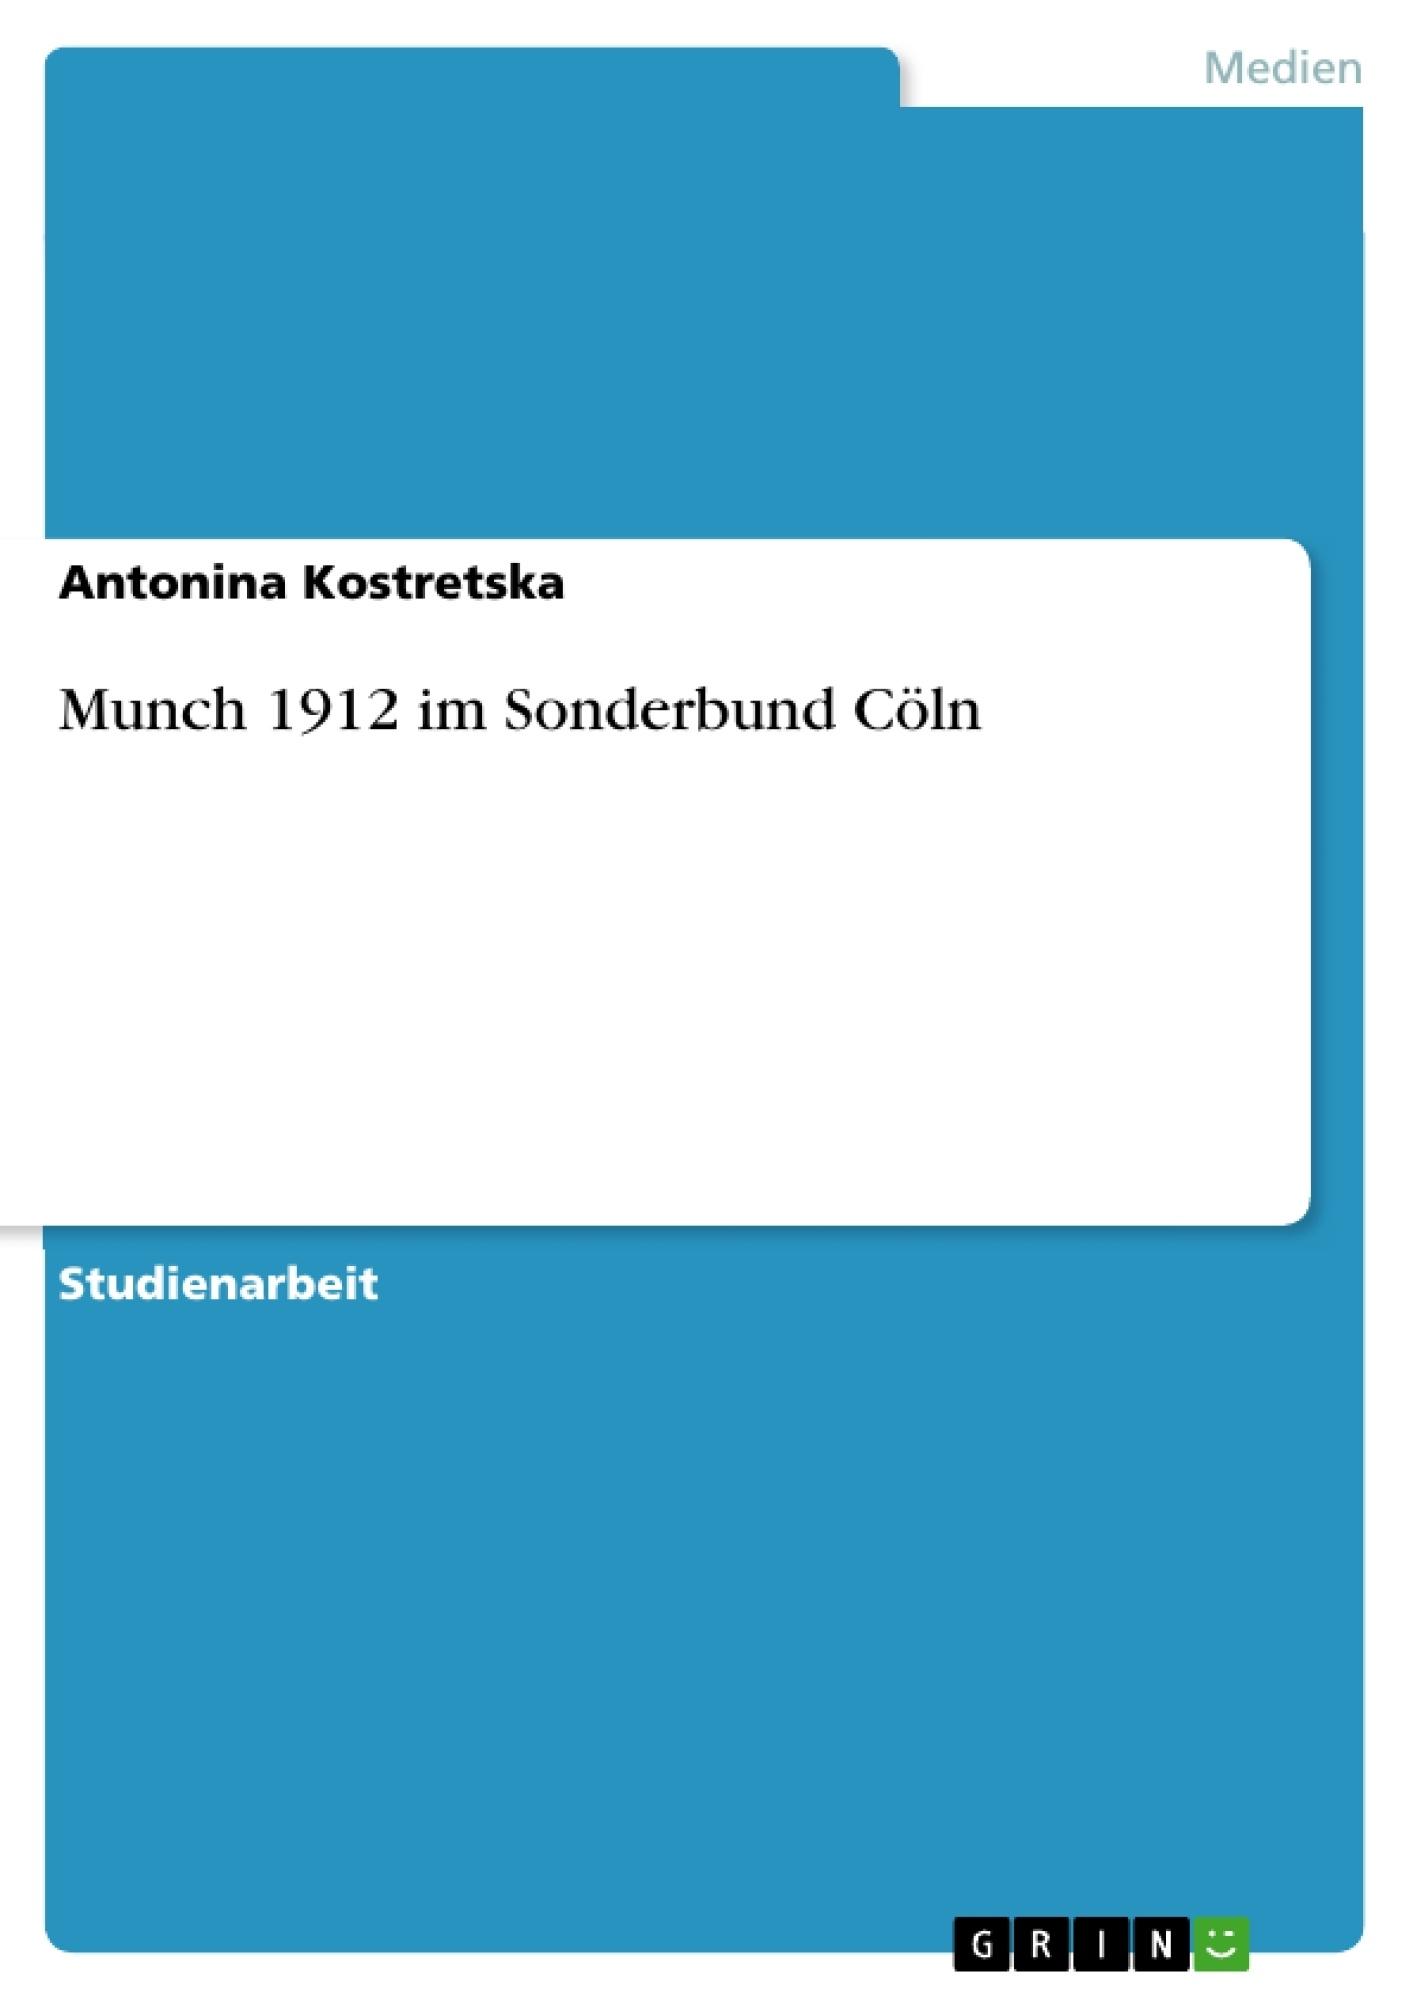 Titel: Munch 1912 im Sonderbund Cöln